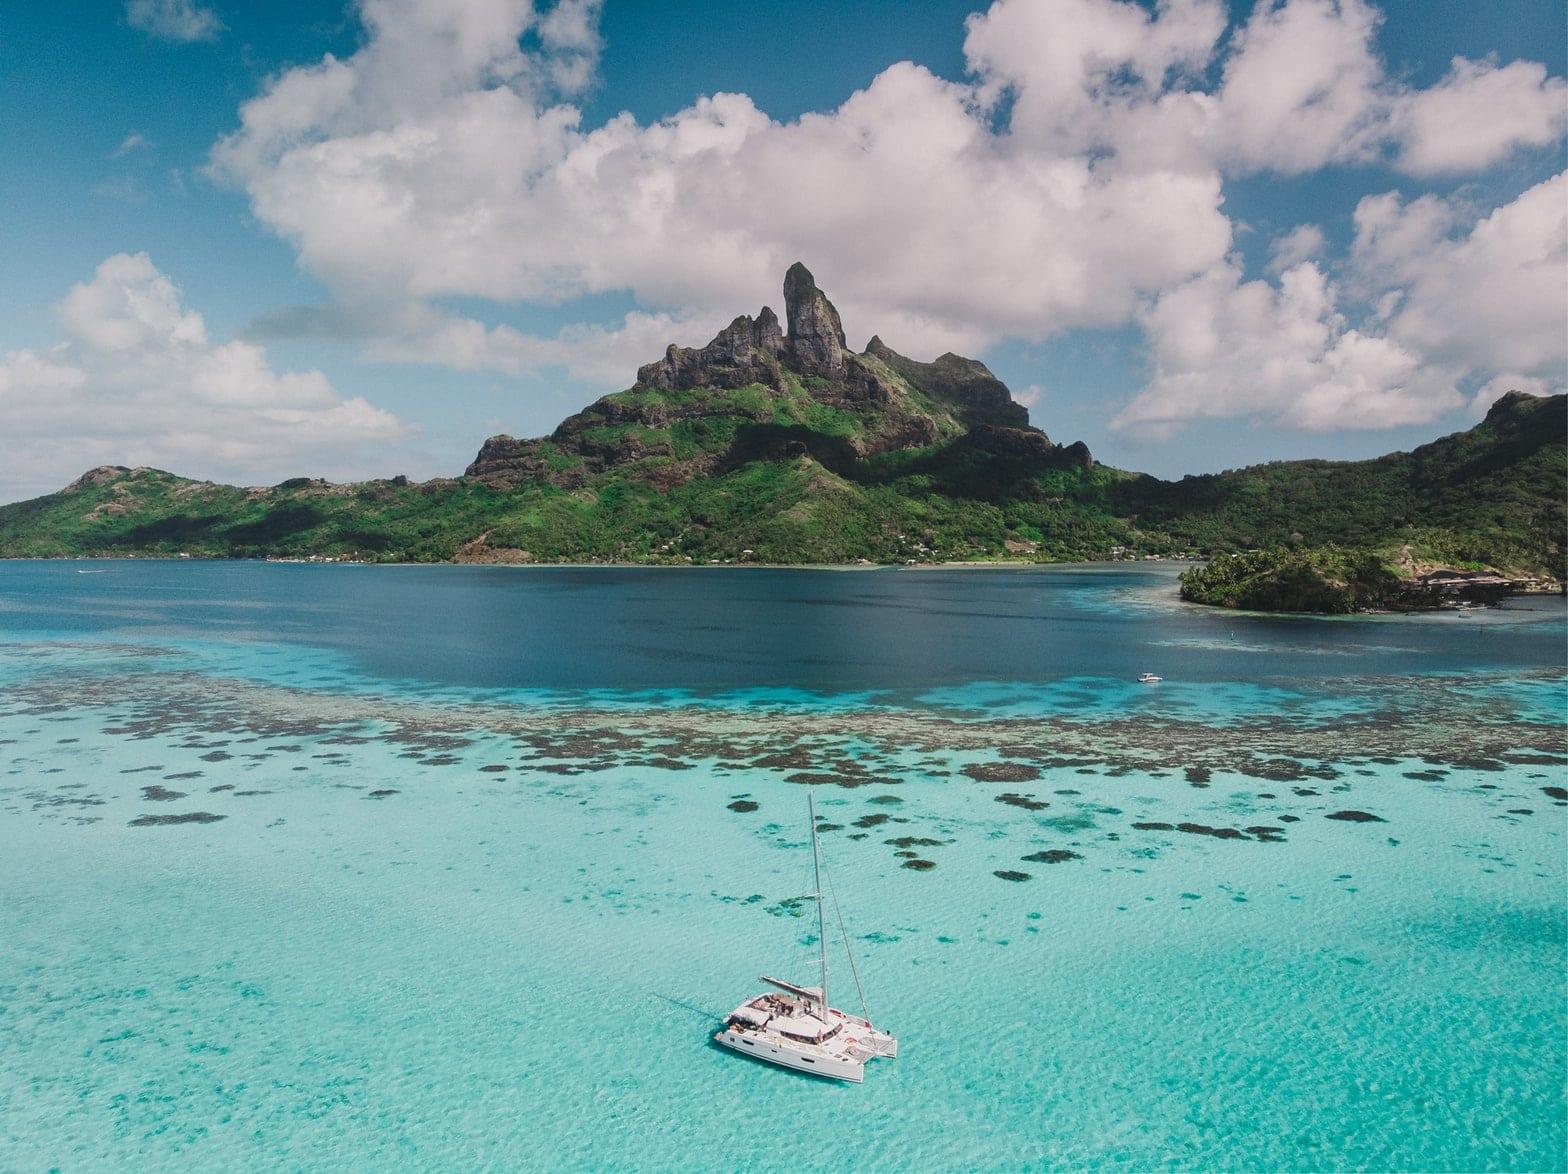 Paysages turquoise de la Polynésie Française, idéal pour un voyage de noces